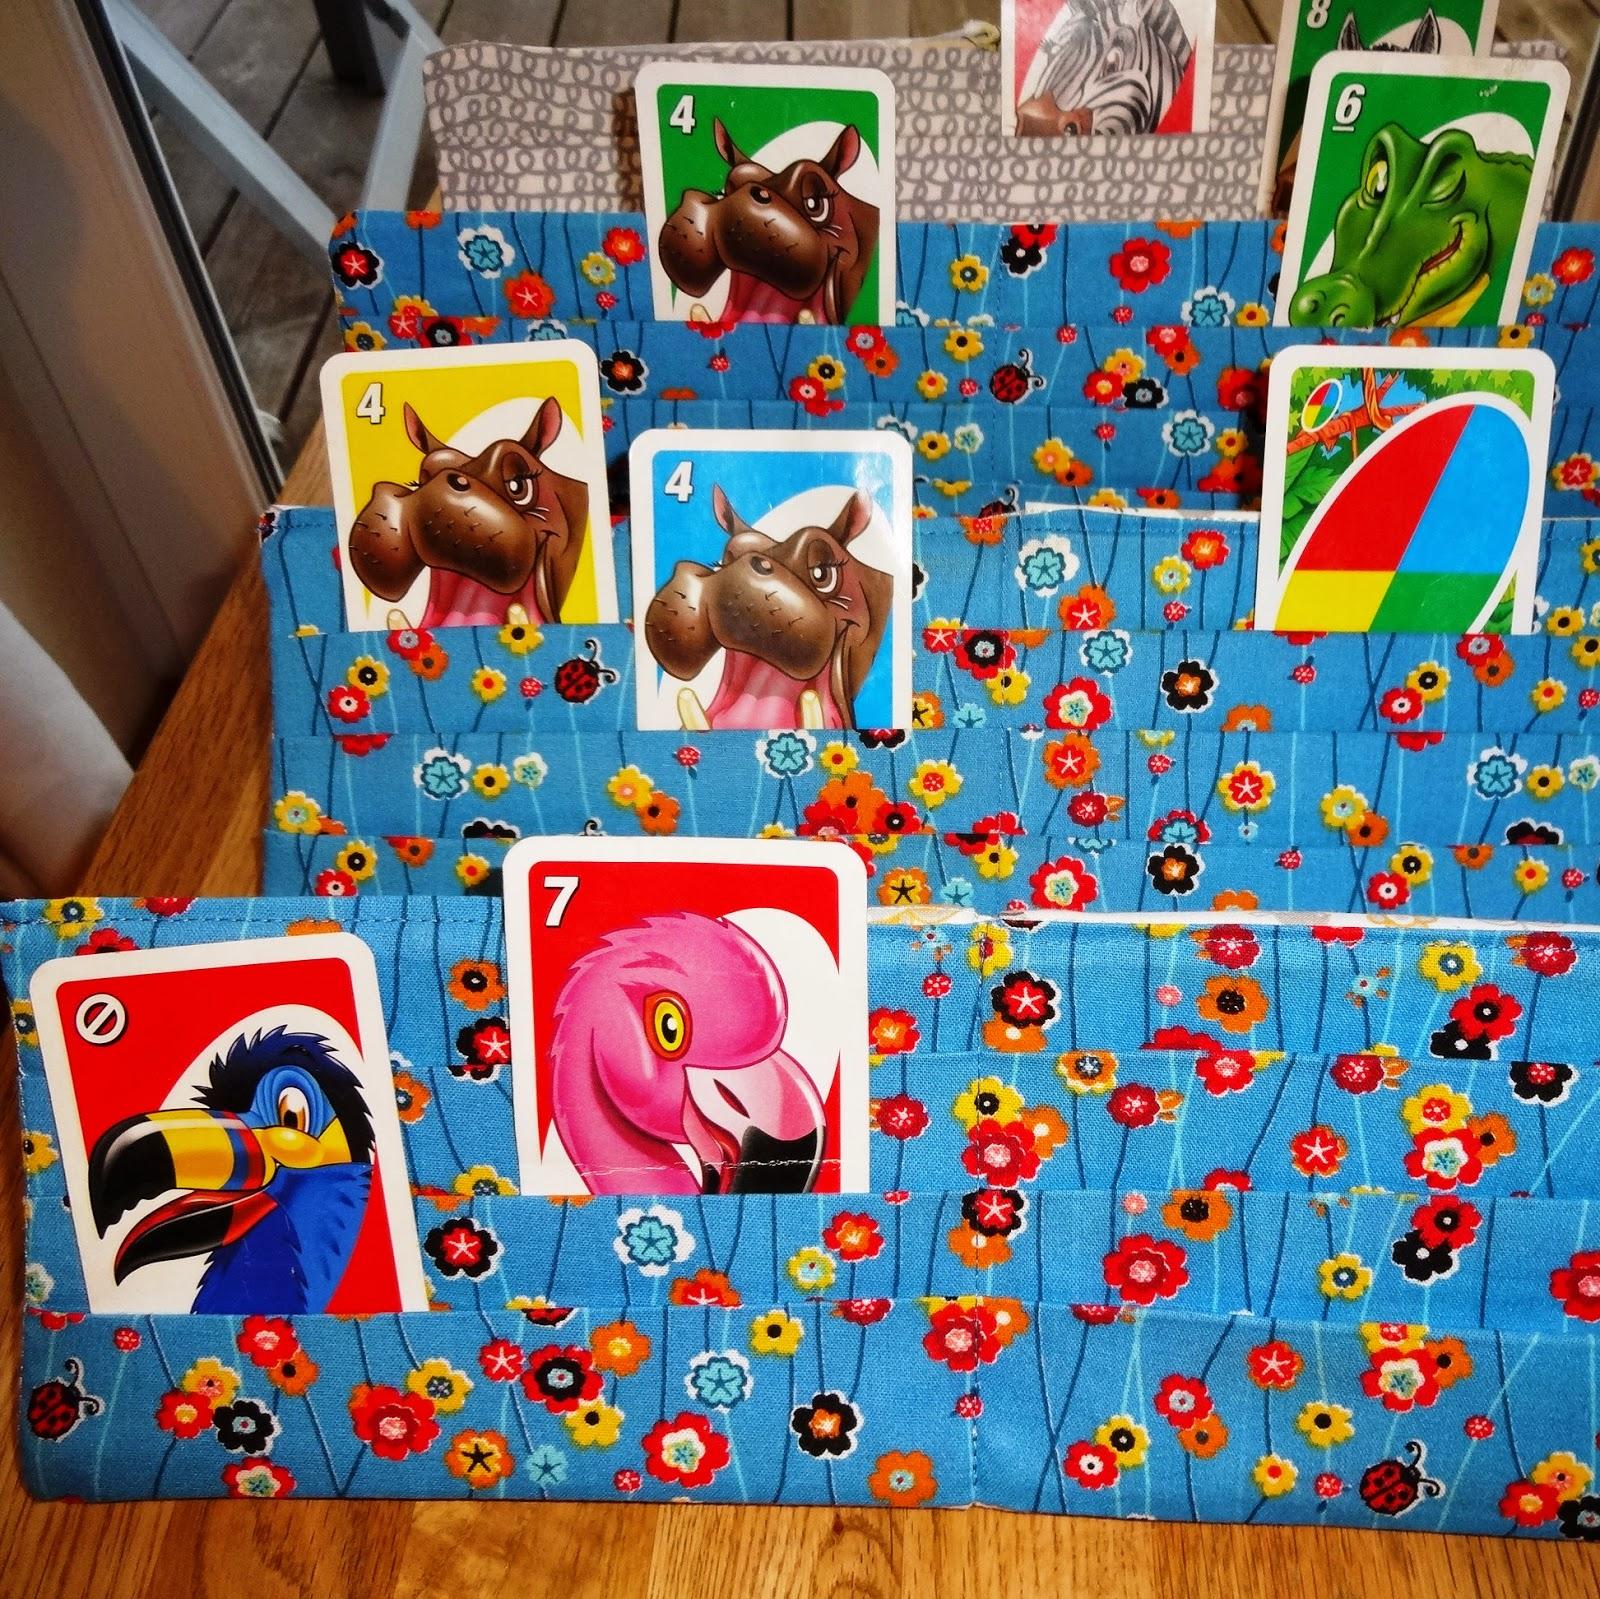 Karten spielen Kinder kleine Hände